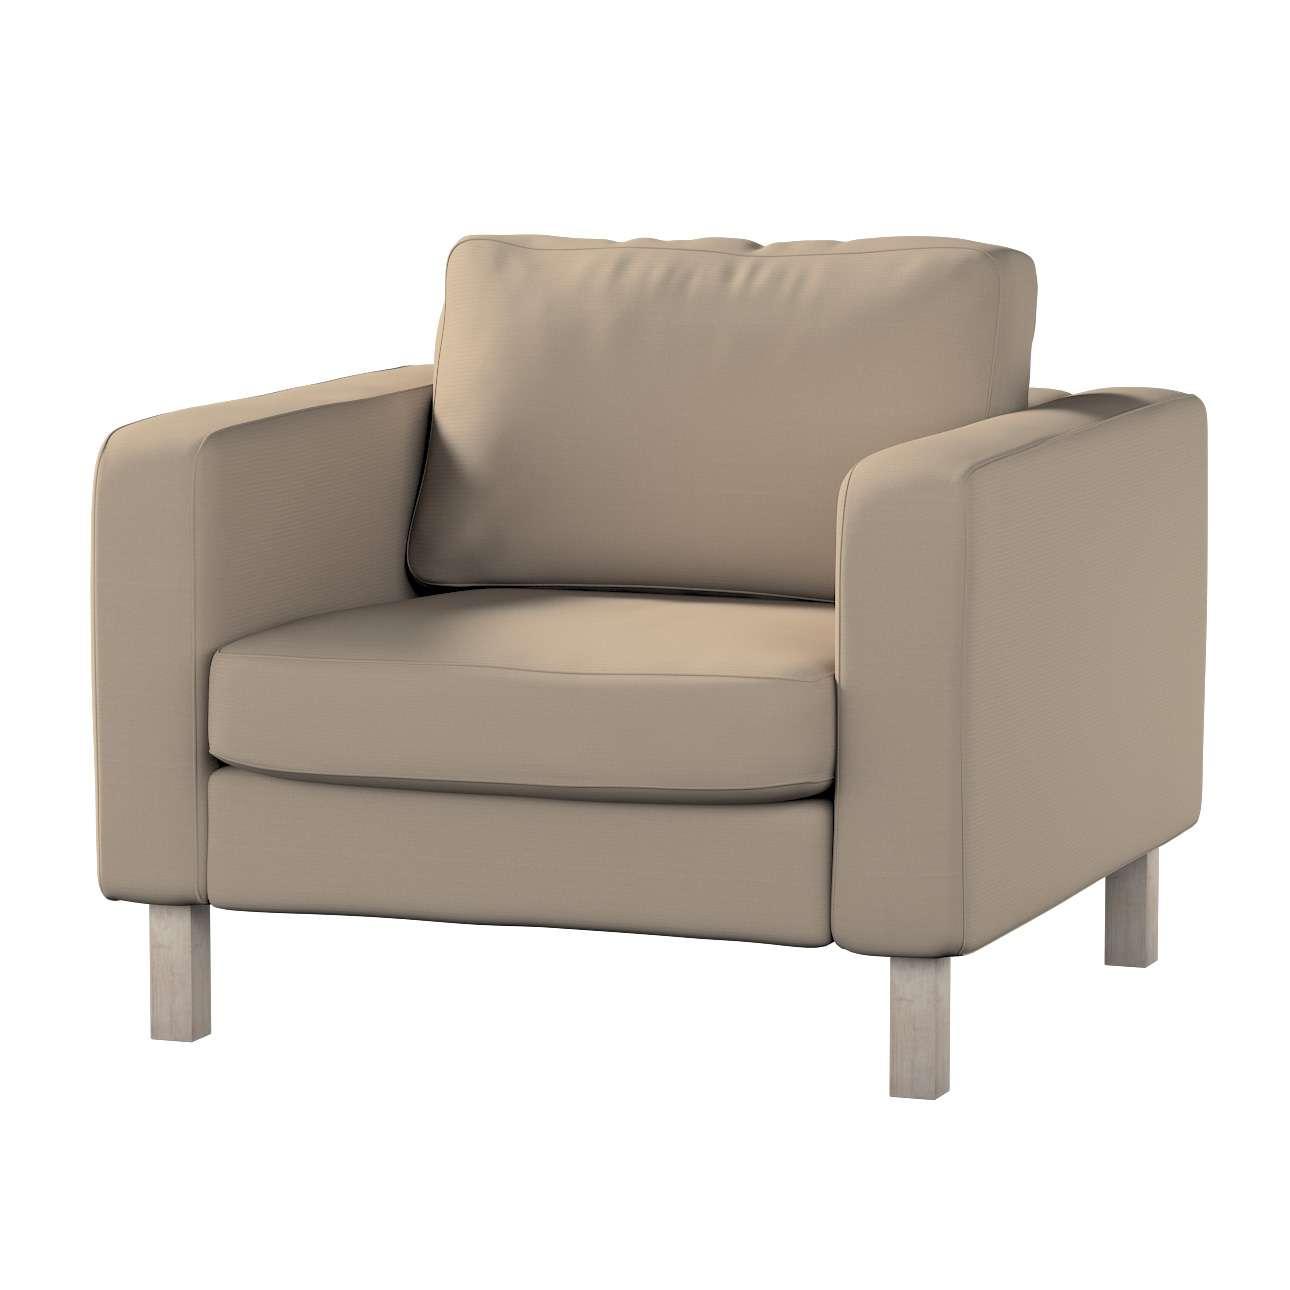 Karlstad fotelio užvalkalas Karlstad fotelio užvalkalas kolekcijoje Cotton Panama, audinys: 702-28